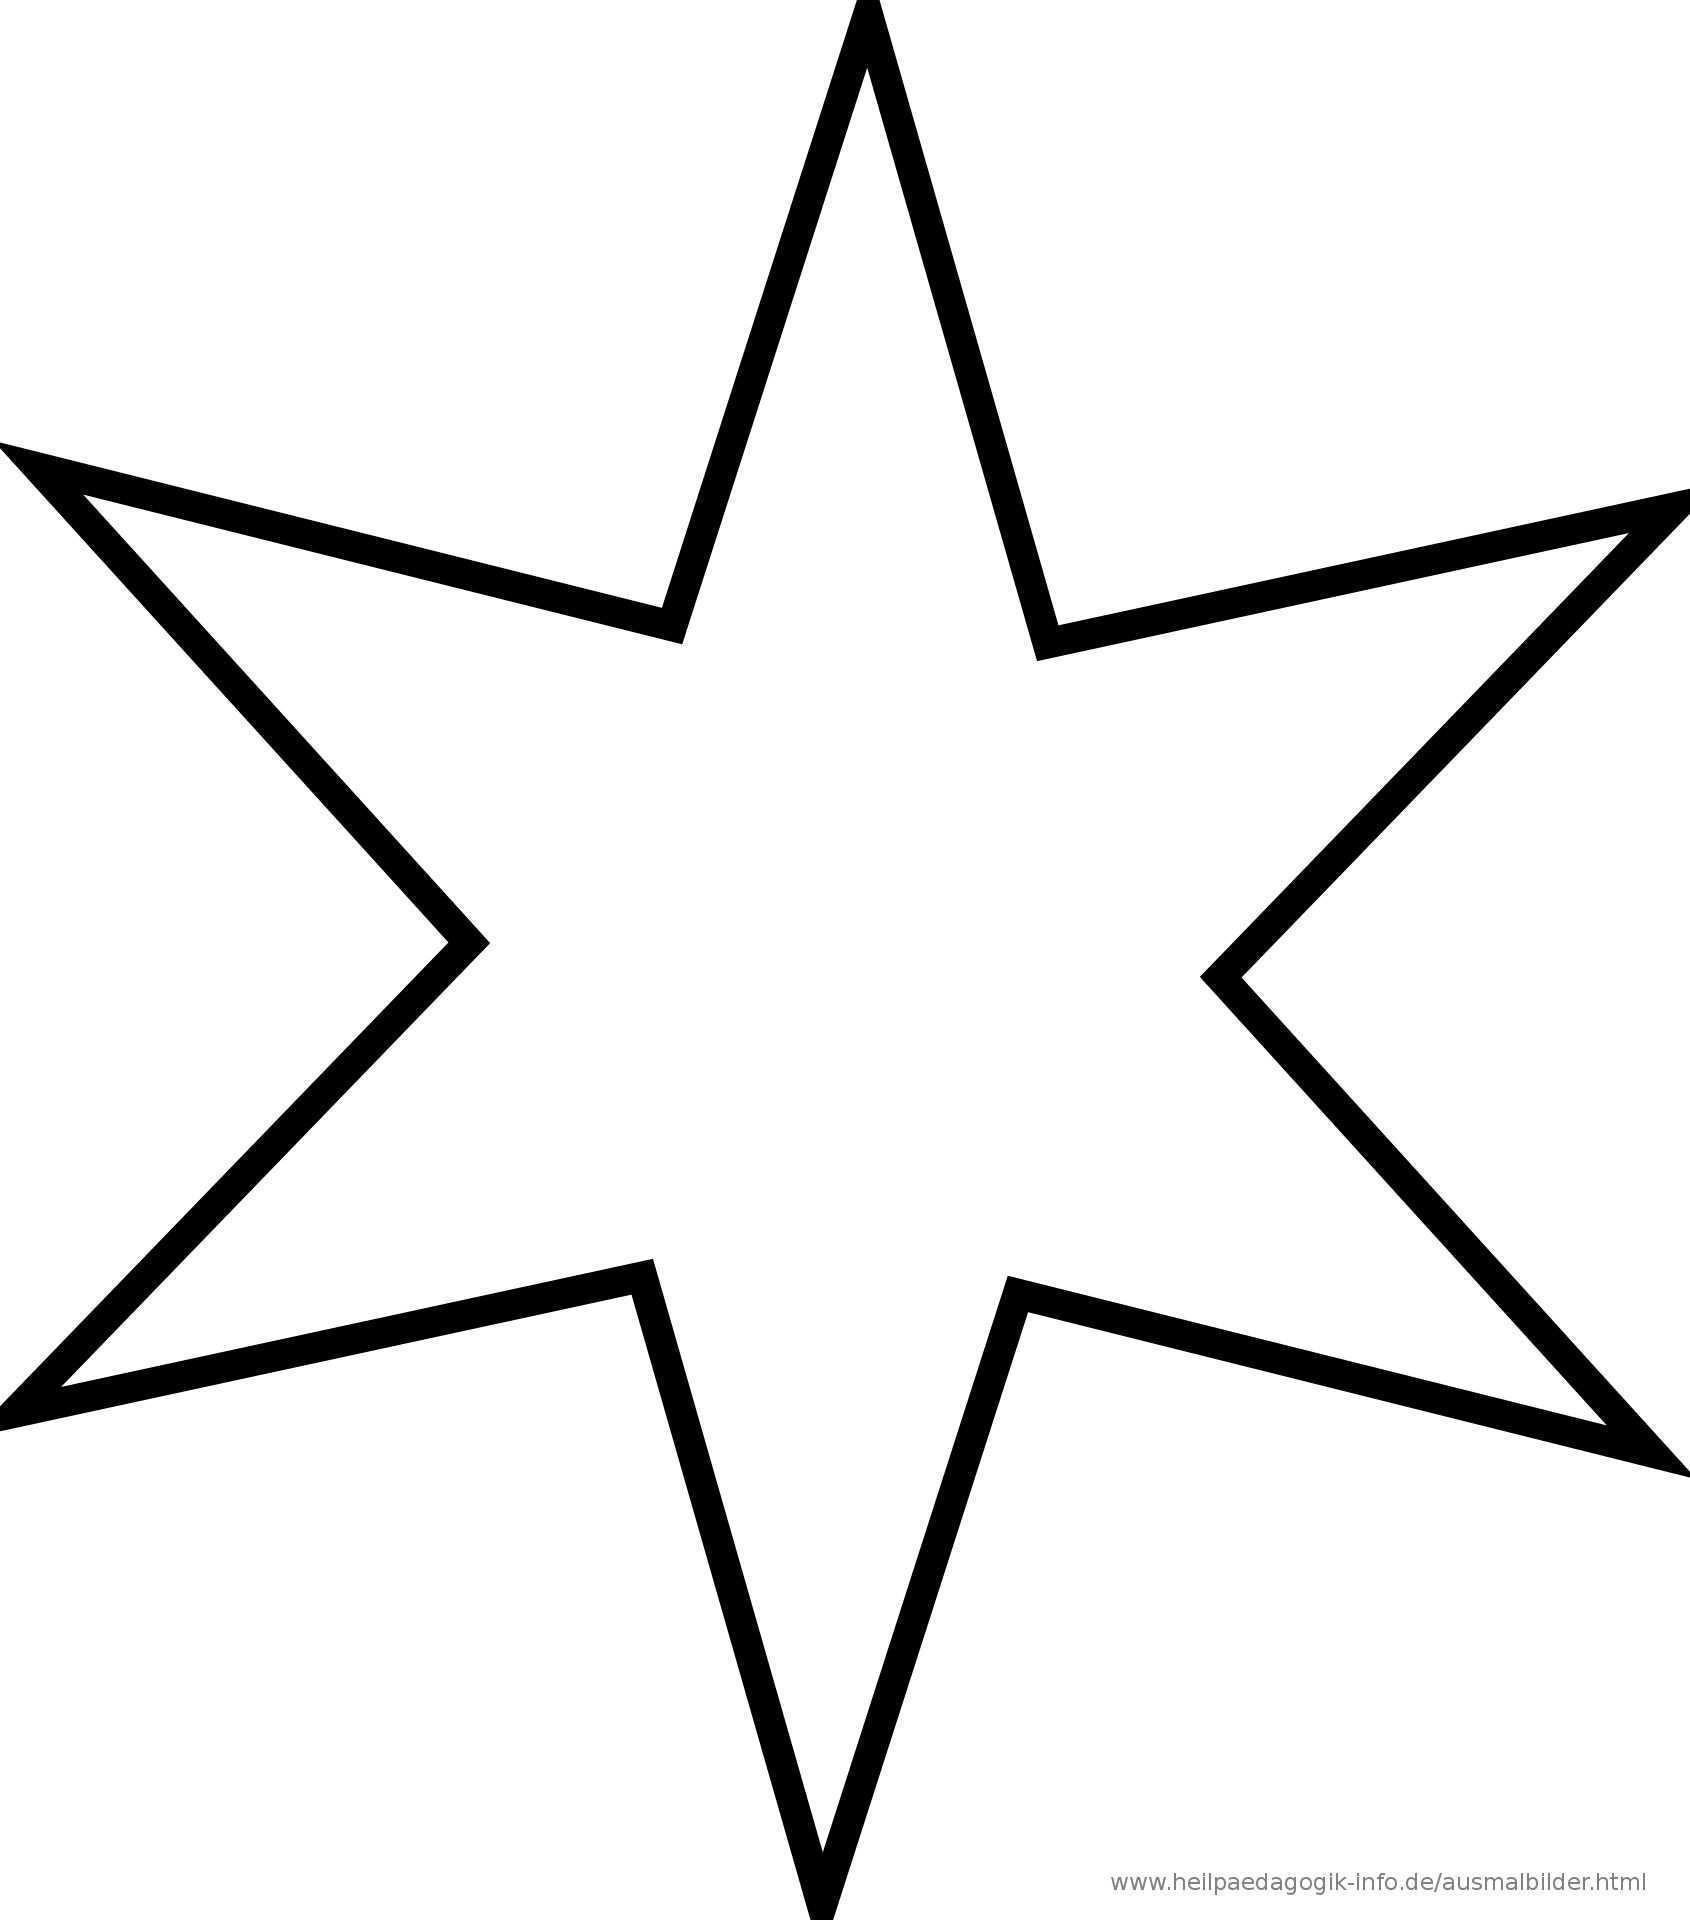 Ausmalbilder Zum Ausdrucken Sterne Modern Stern Vorlage Ausschneiden Bestimmt Fur Stern Malvorlage Ausdruc Sterne Zum Ausdrucken Malvorlage Stern Vorlage Stern